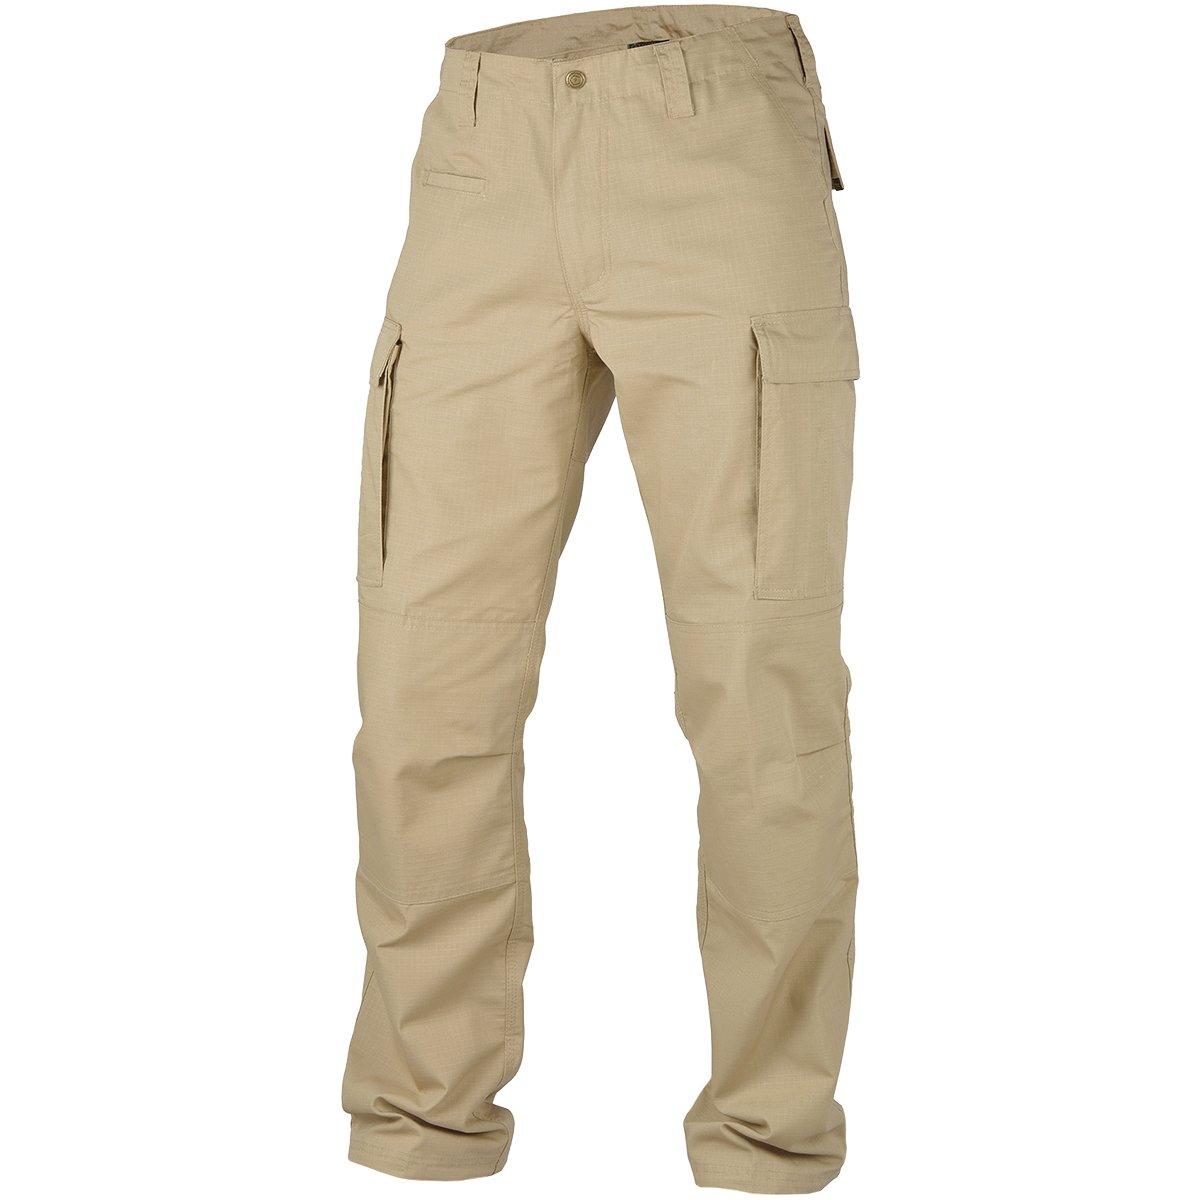 Pentagon Hombres BDU 2.0 Pantalones Khaki: Amazon.es: Ropa y ...